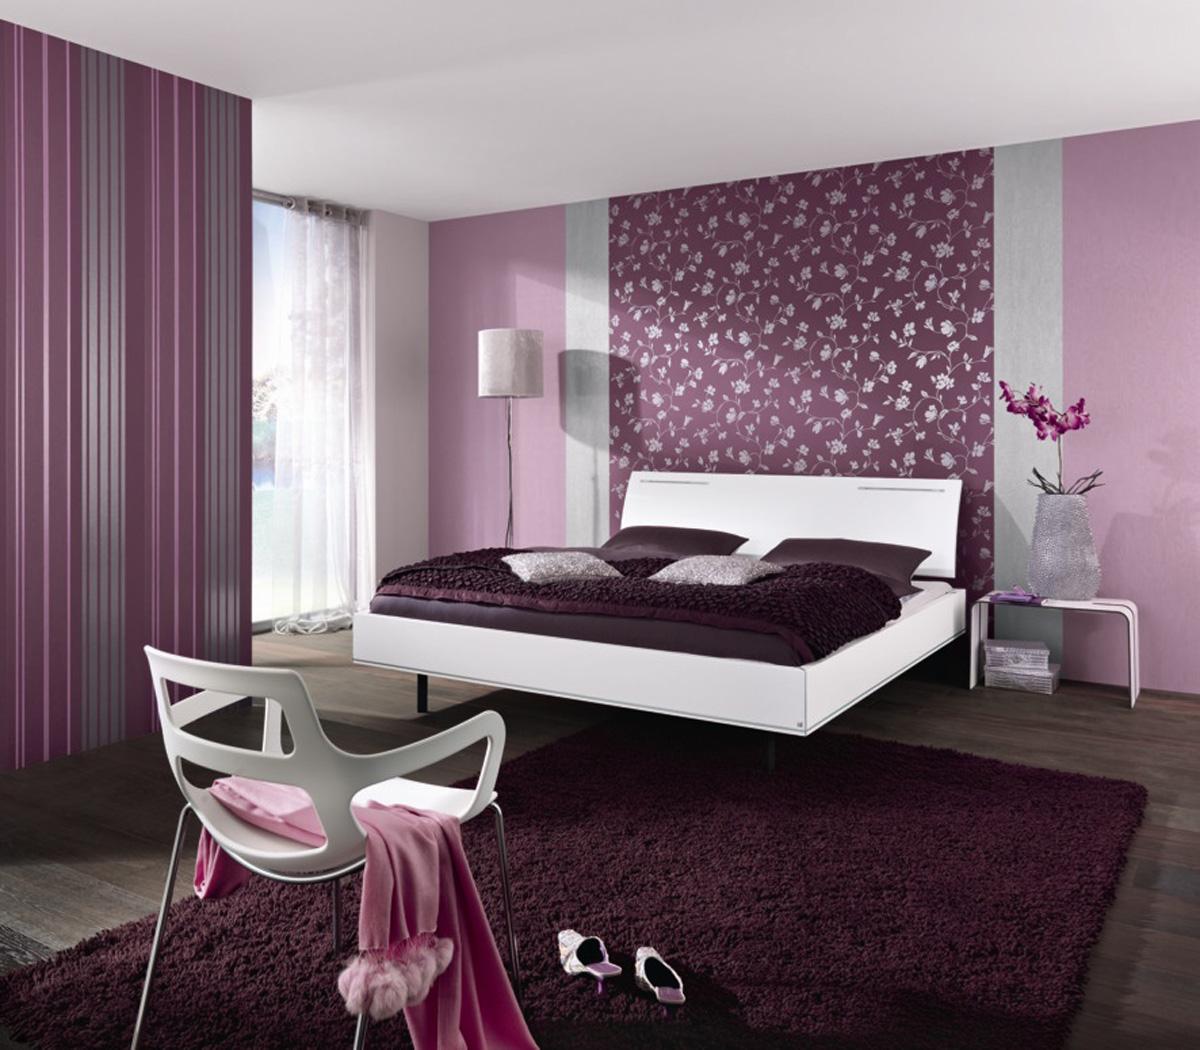 Дизайн спальни фото 2016 современные идеи обои двух цветов 79